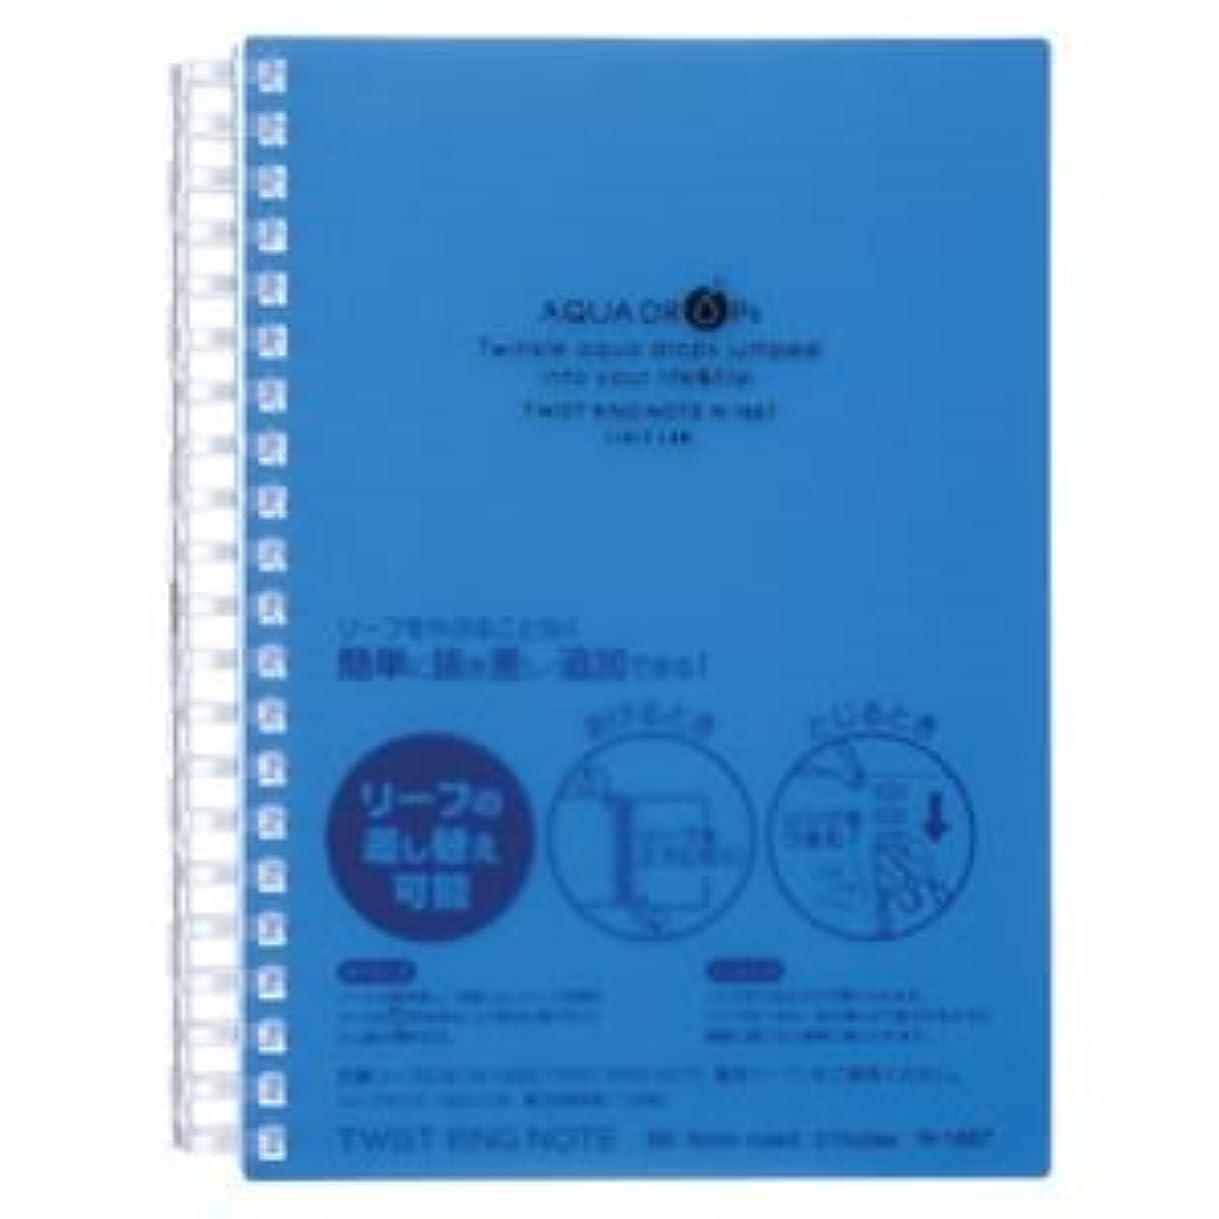 案件ドア顎(業務用セット) リヒトラブ AQUA DROPs ツイストリング?ノート B6判 N-1667-8